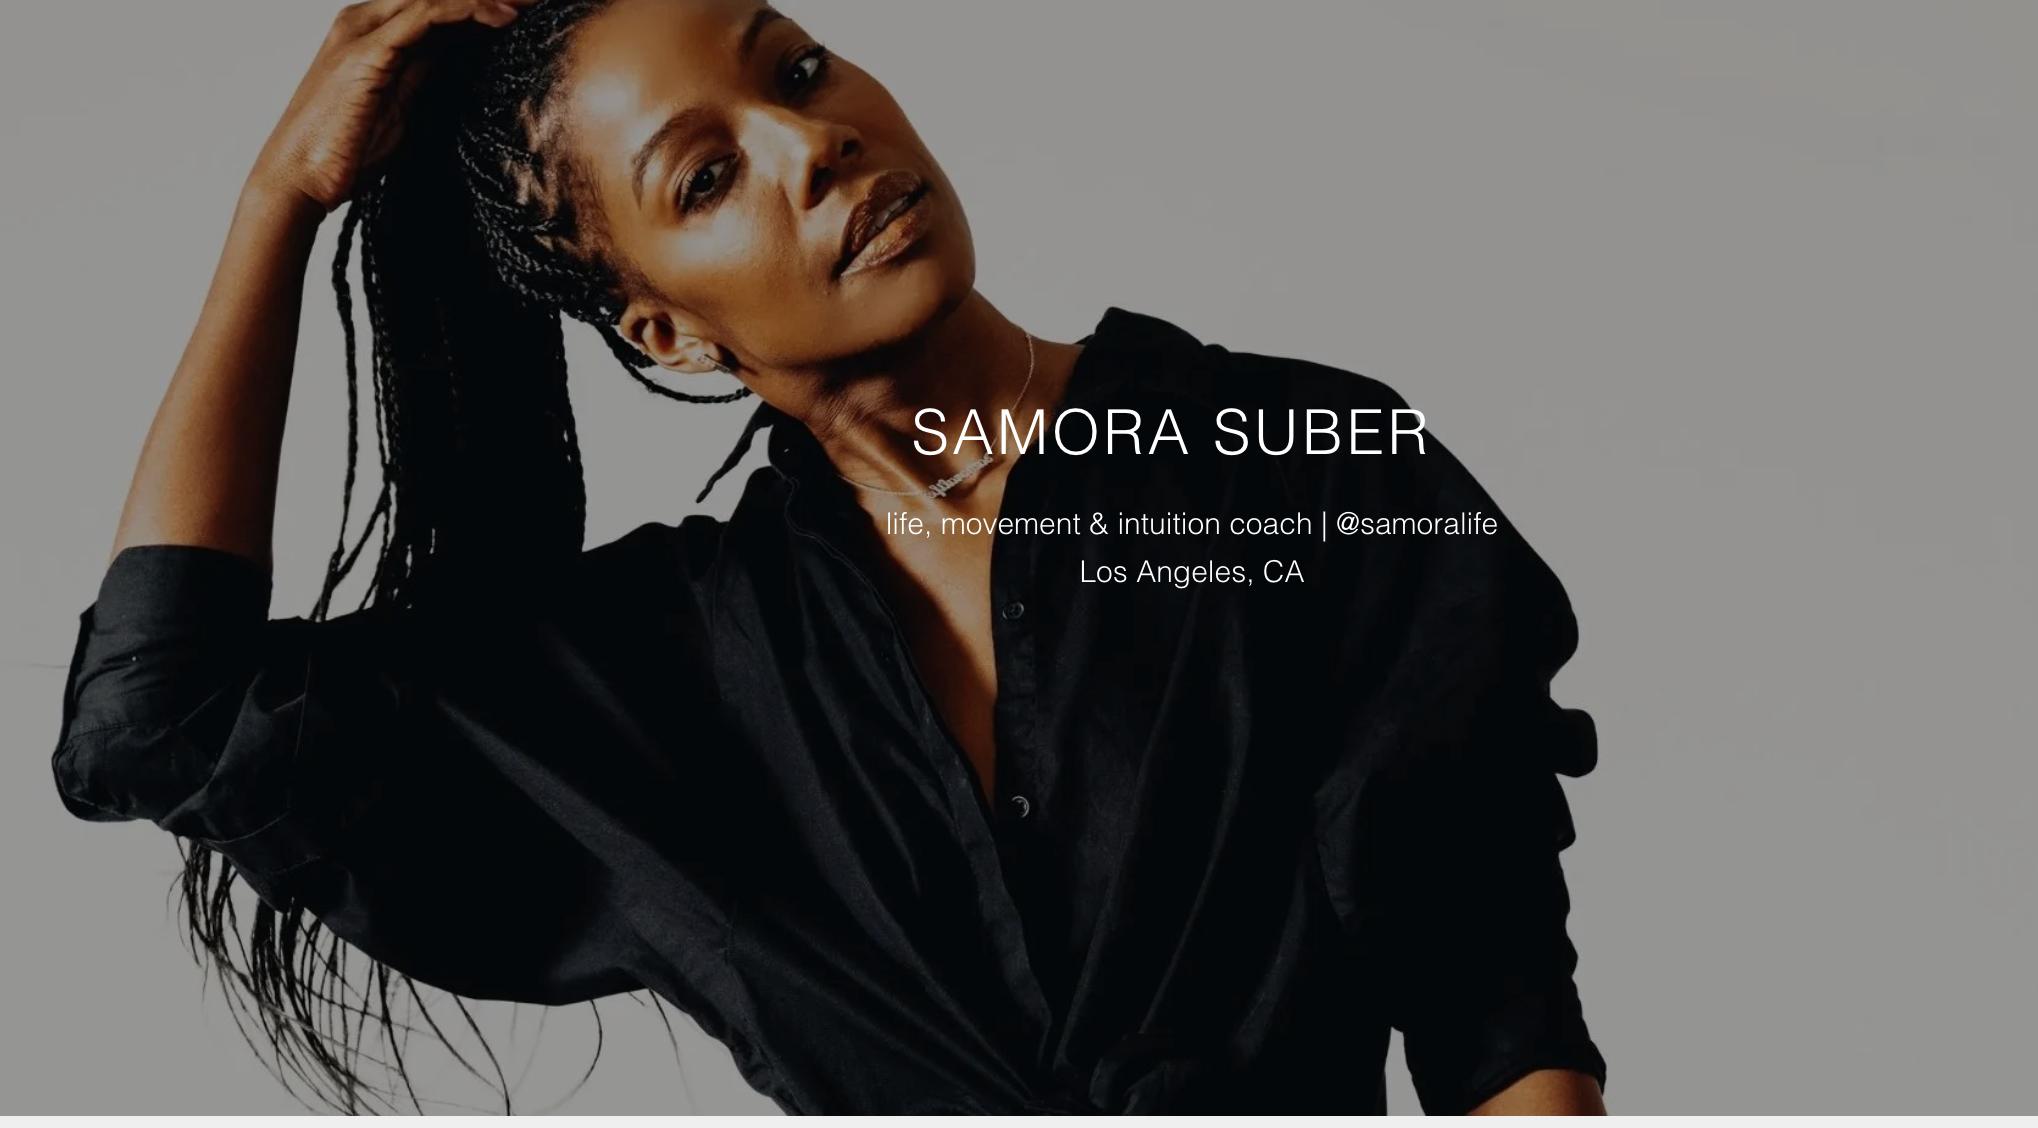 EVOLVER | SAMORA SUBER